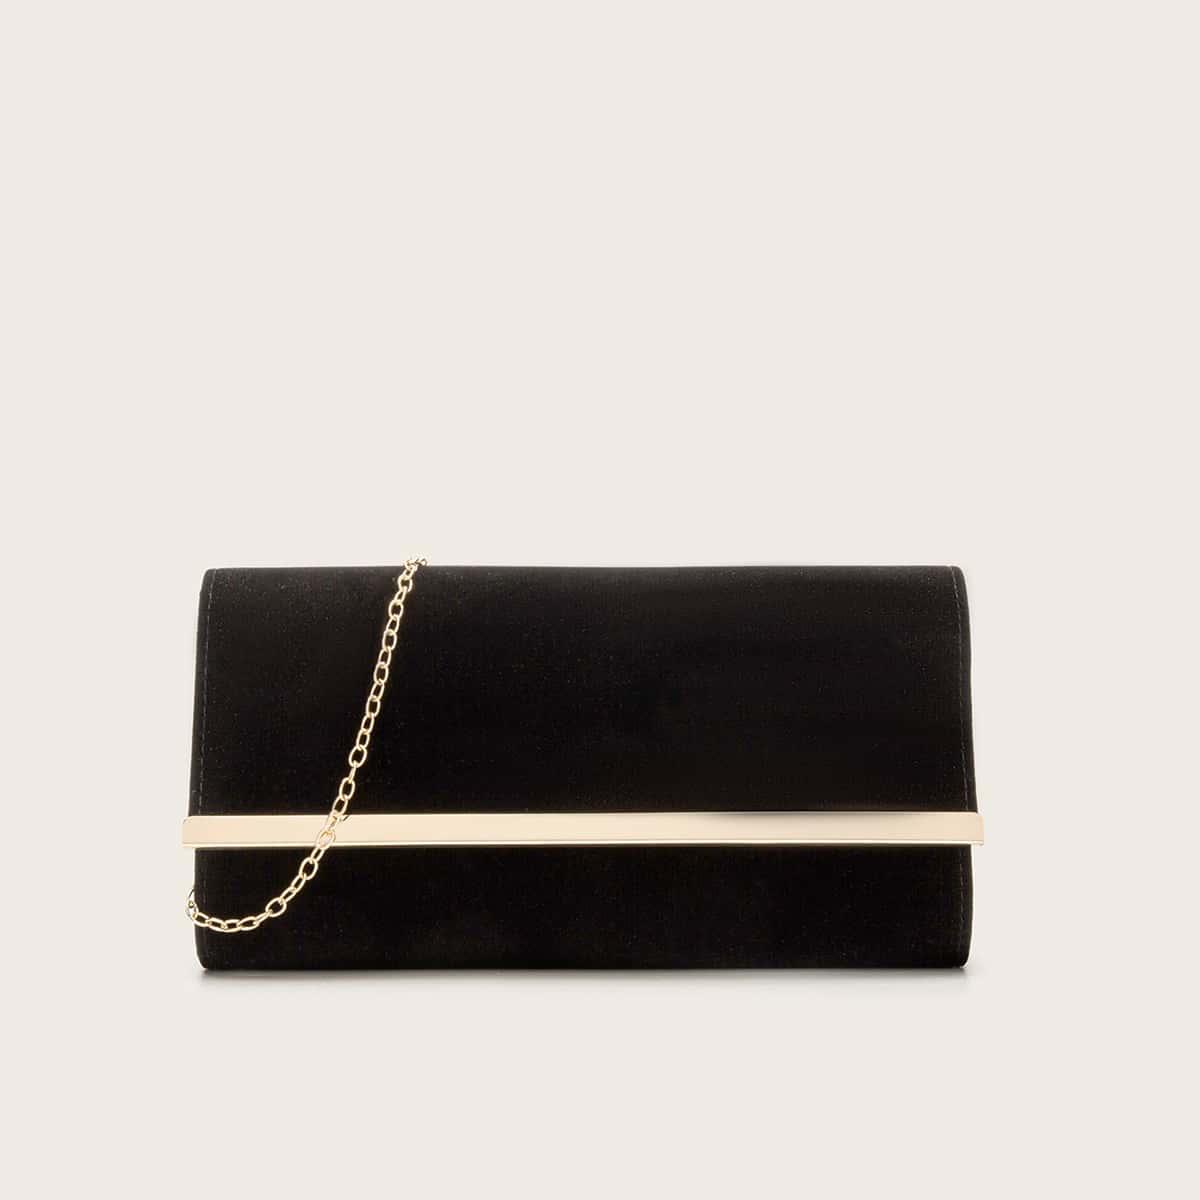 Бархатная сумка-клатч с металлическим краем